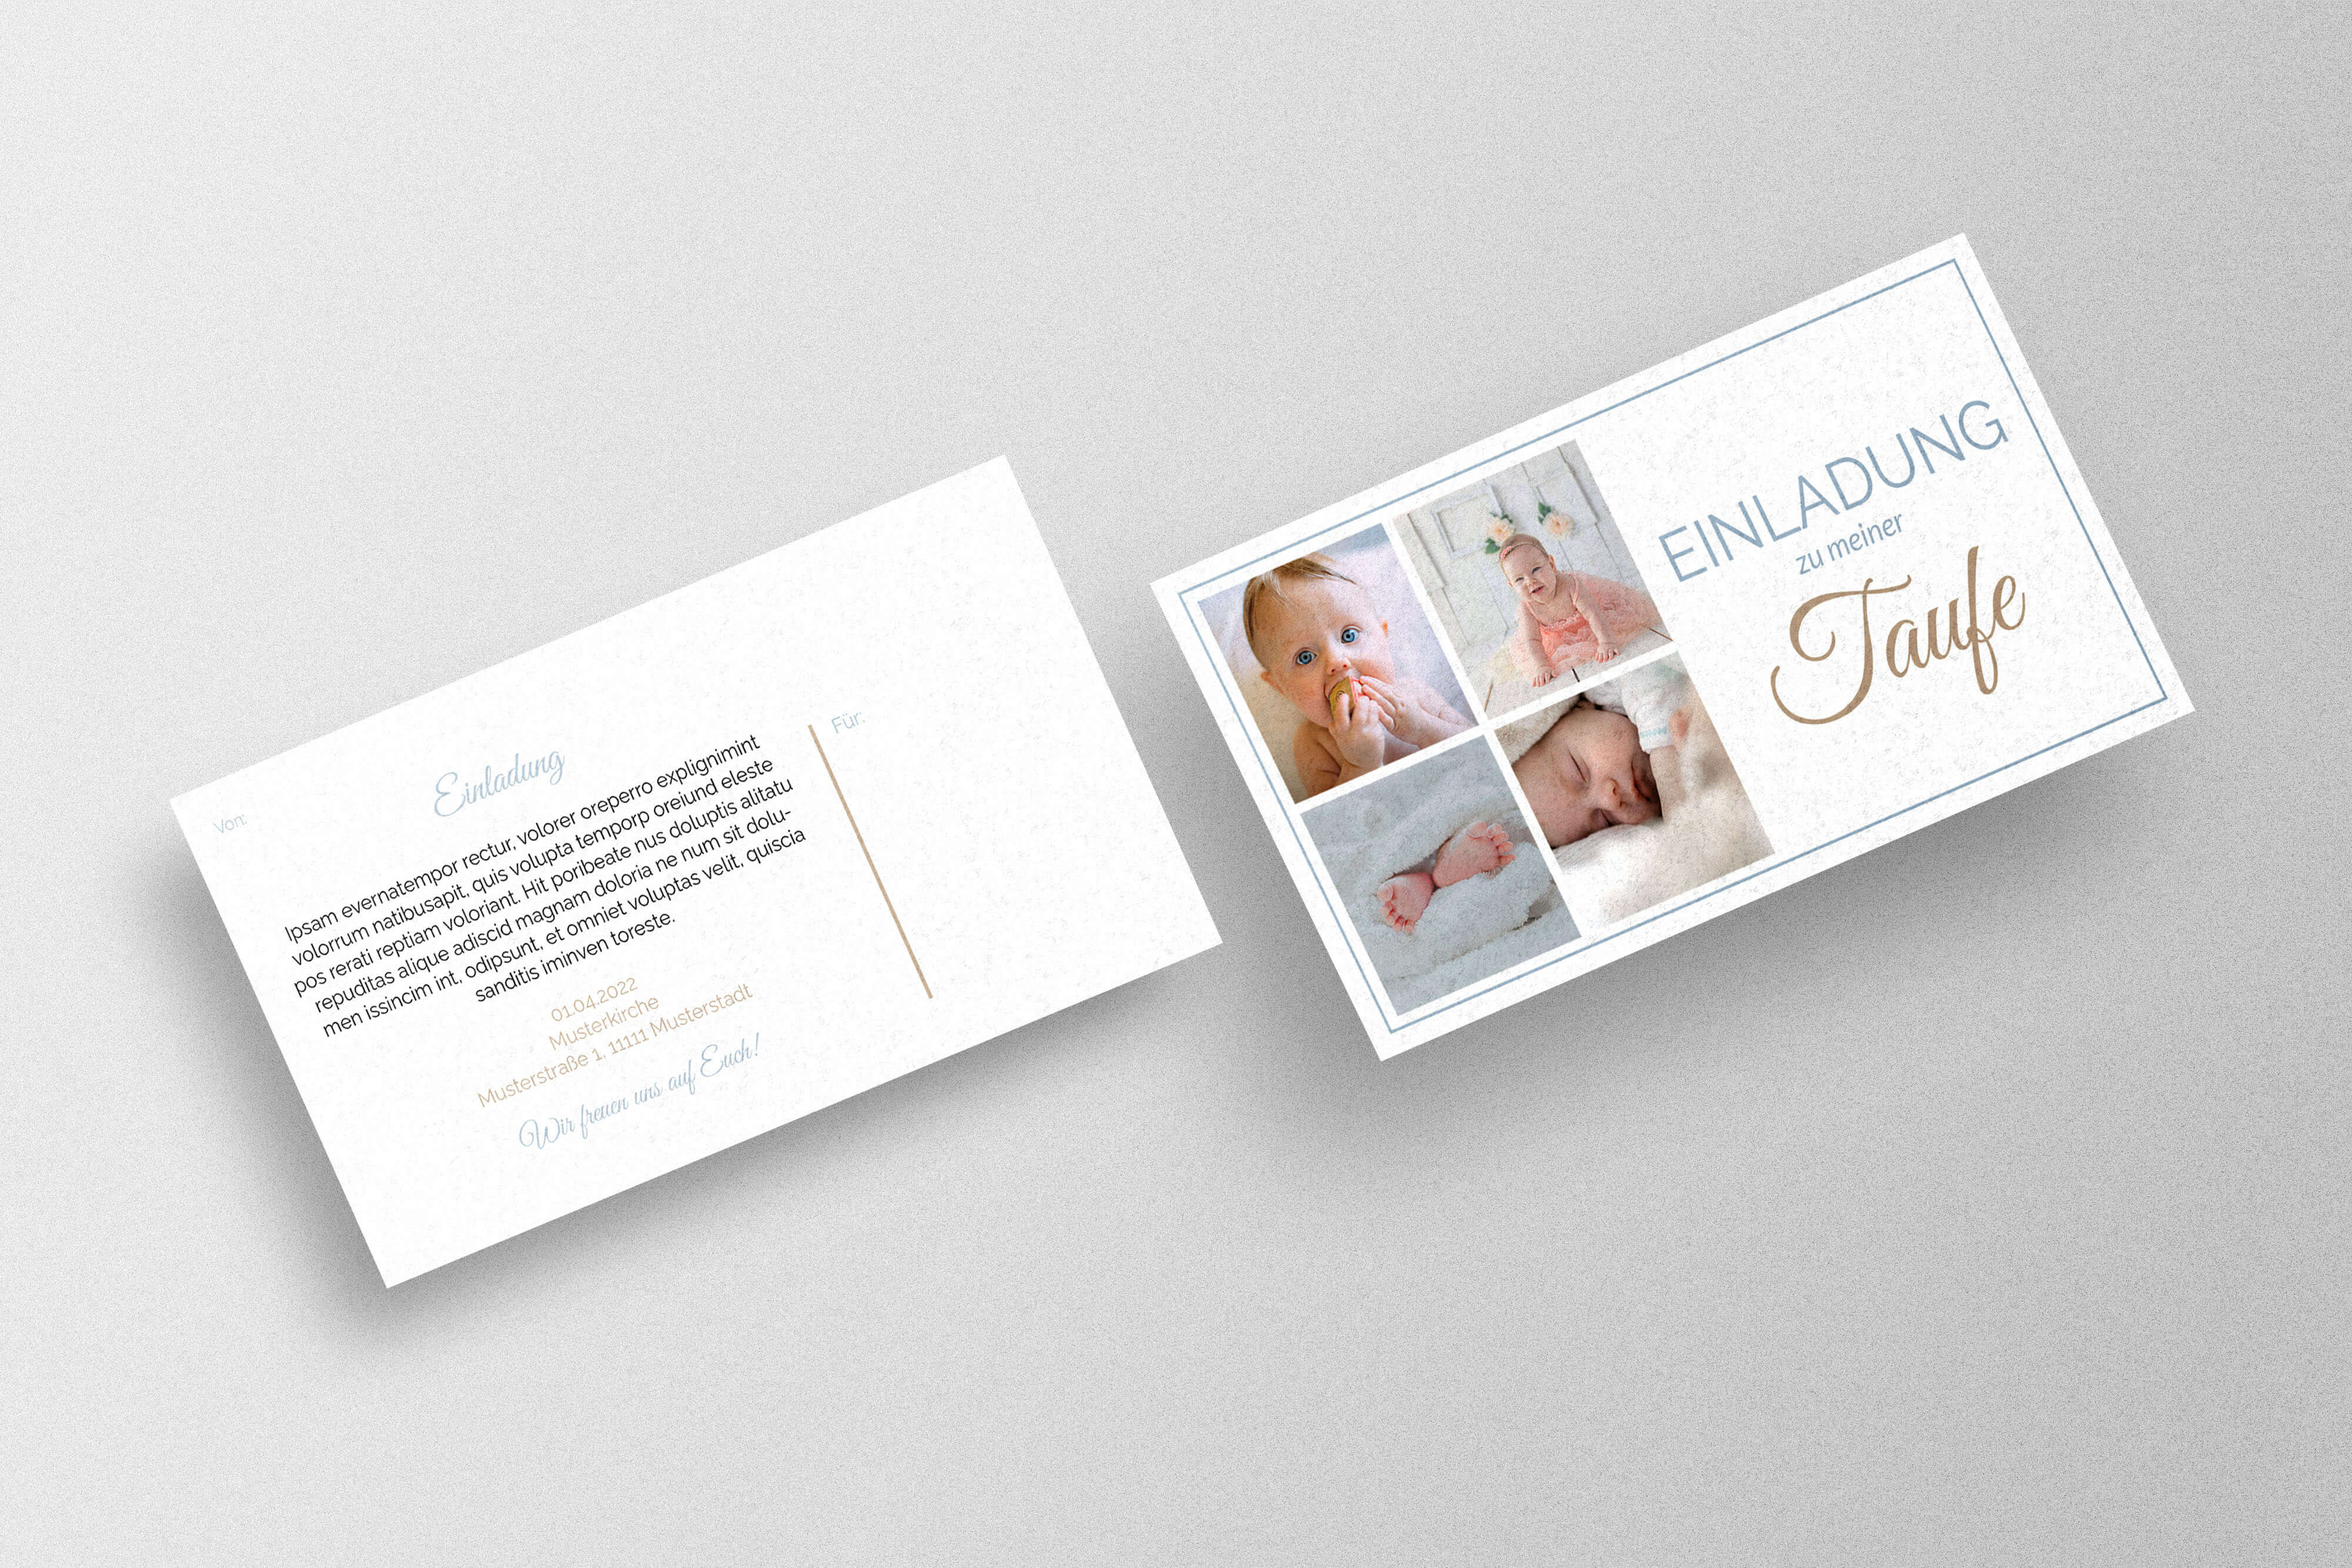 elegante Taufkarte erstellen und drucken lassen